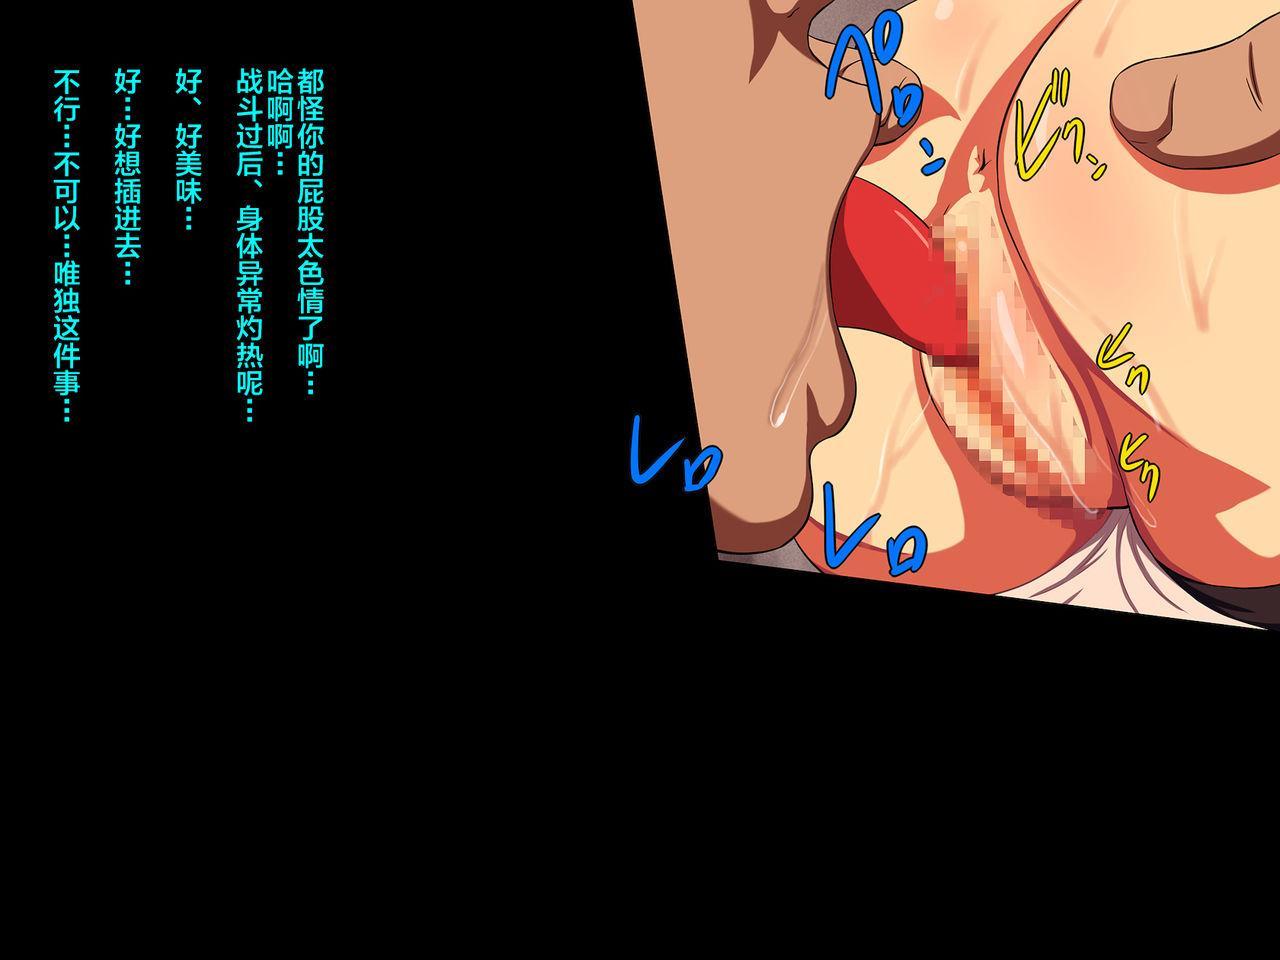 [L-u (Makura no Doushi)] Kegasareta Ojou-sama -Tights ni Shimiru Jiru- (Street Fighter) [Chinese] [新桥月白日语社] 15